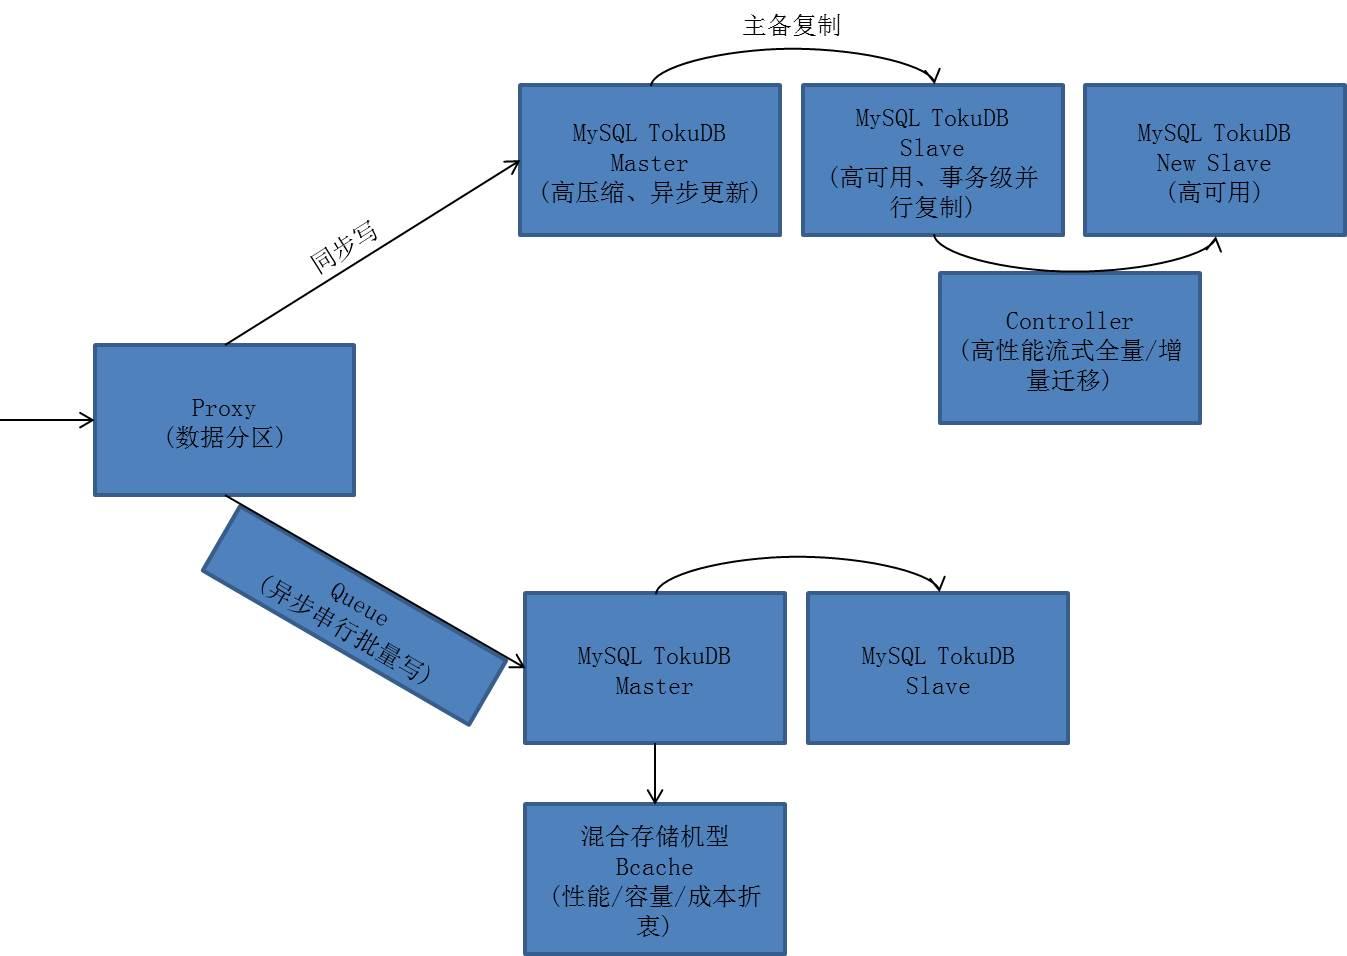 图1. PetaData数据分区